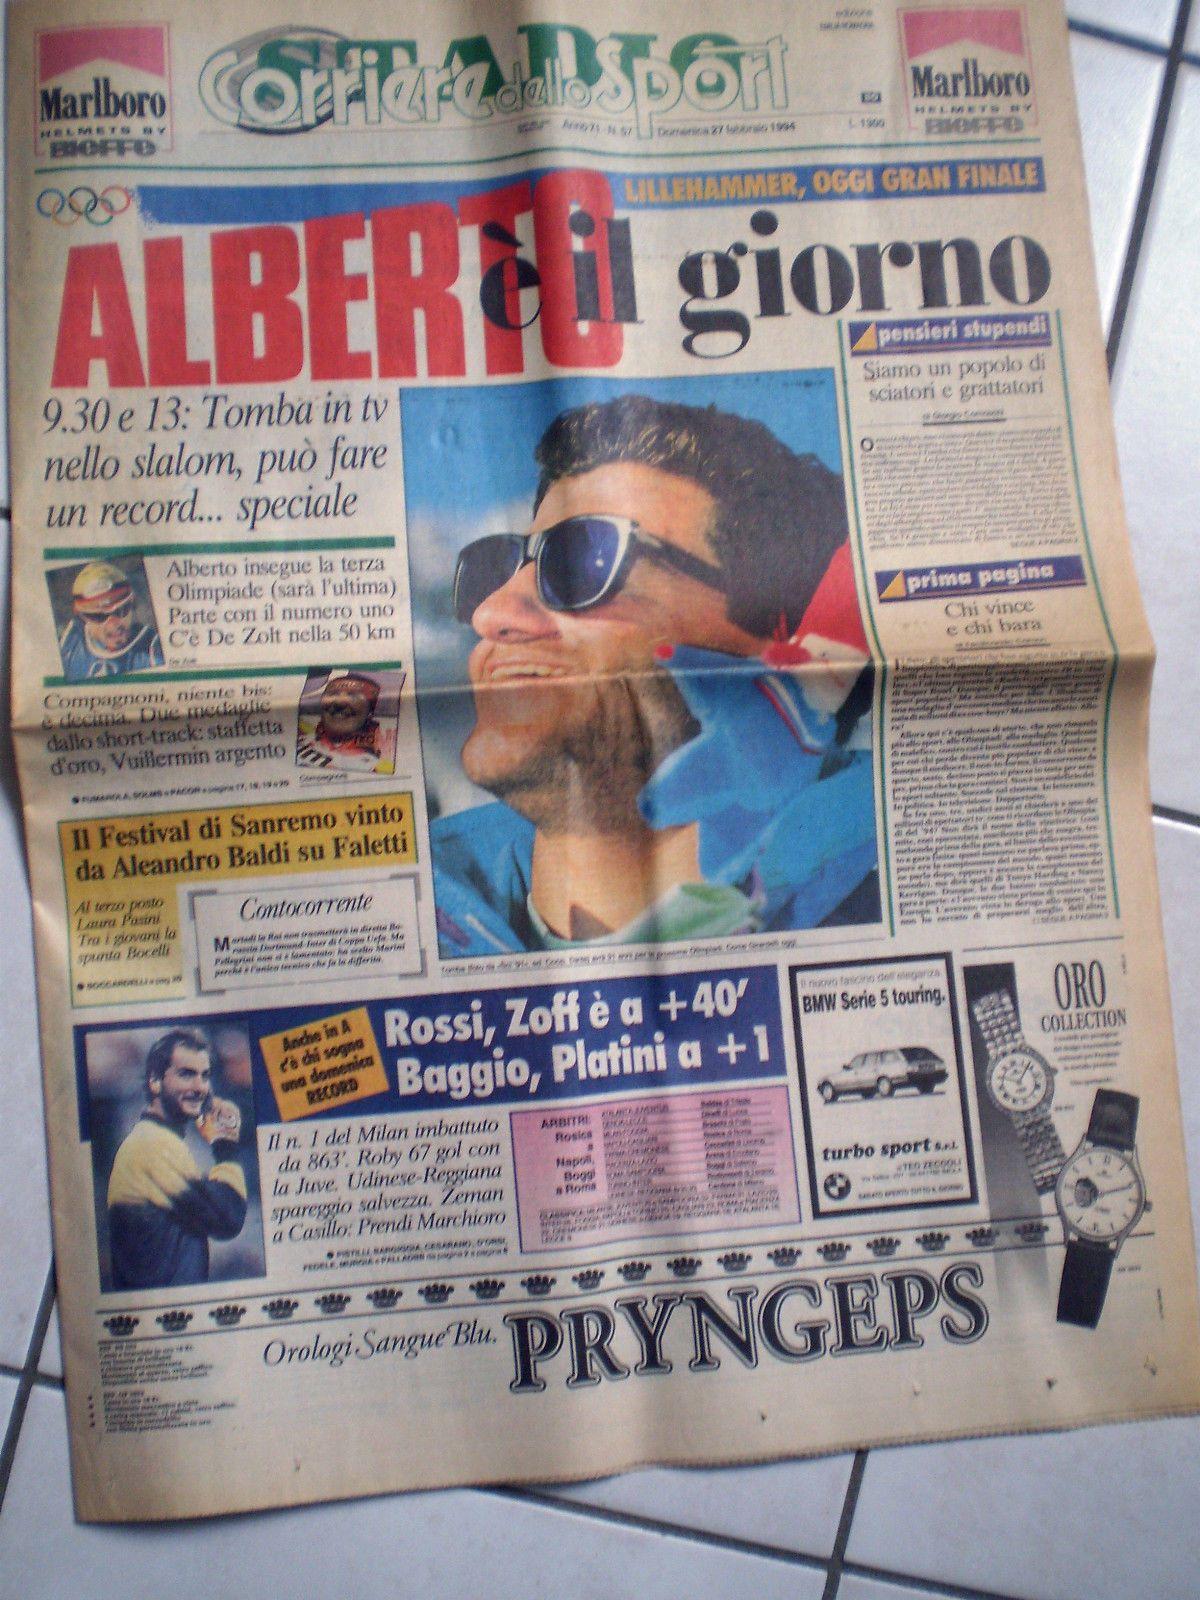 Ovviamente i giornali sportivi dell'epoca non potevano esimersi dal celebrare le sue grandi gesta